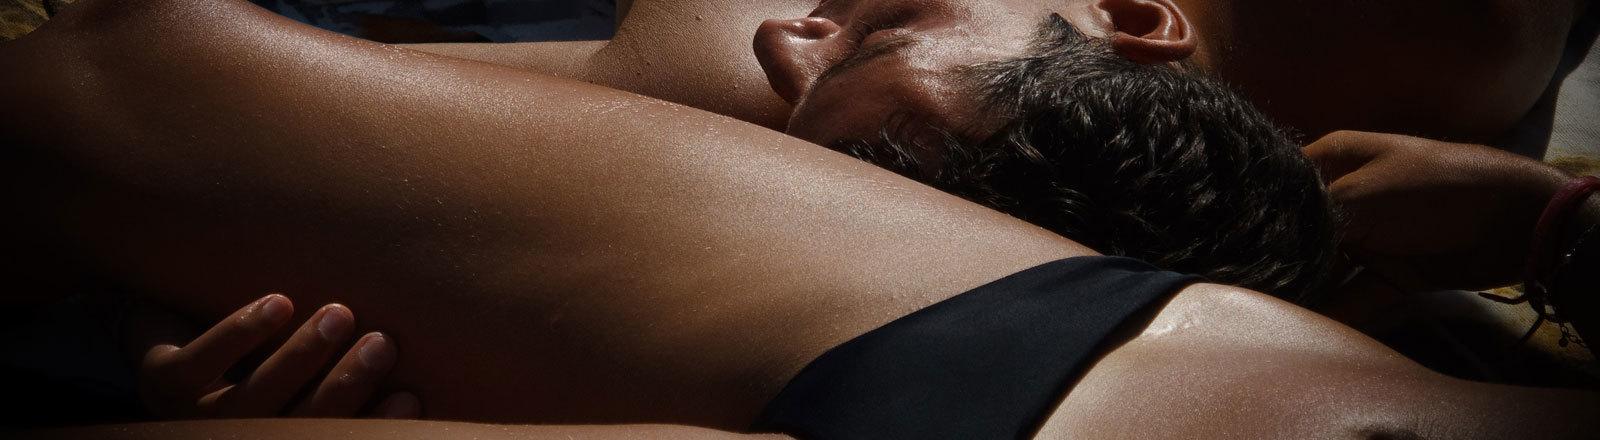 Mann und Frau liegen nackt nebeneinander.